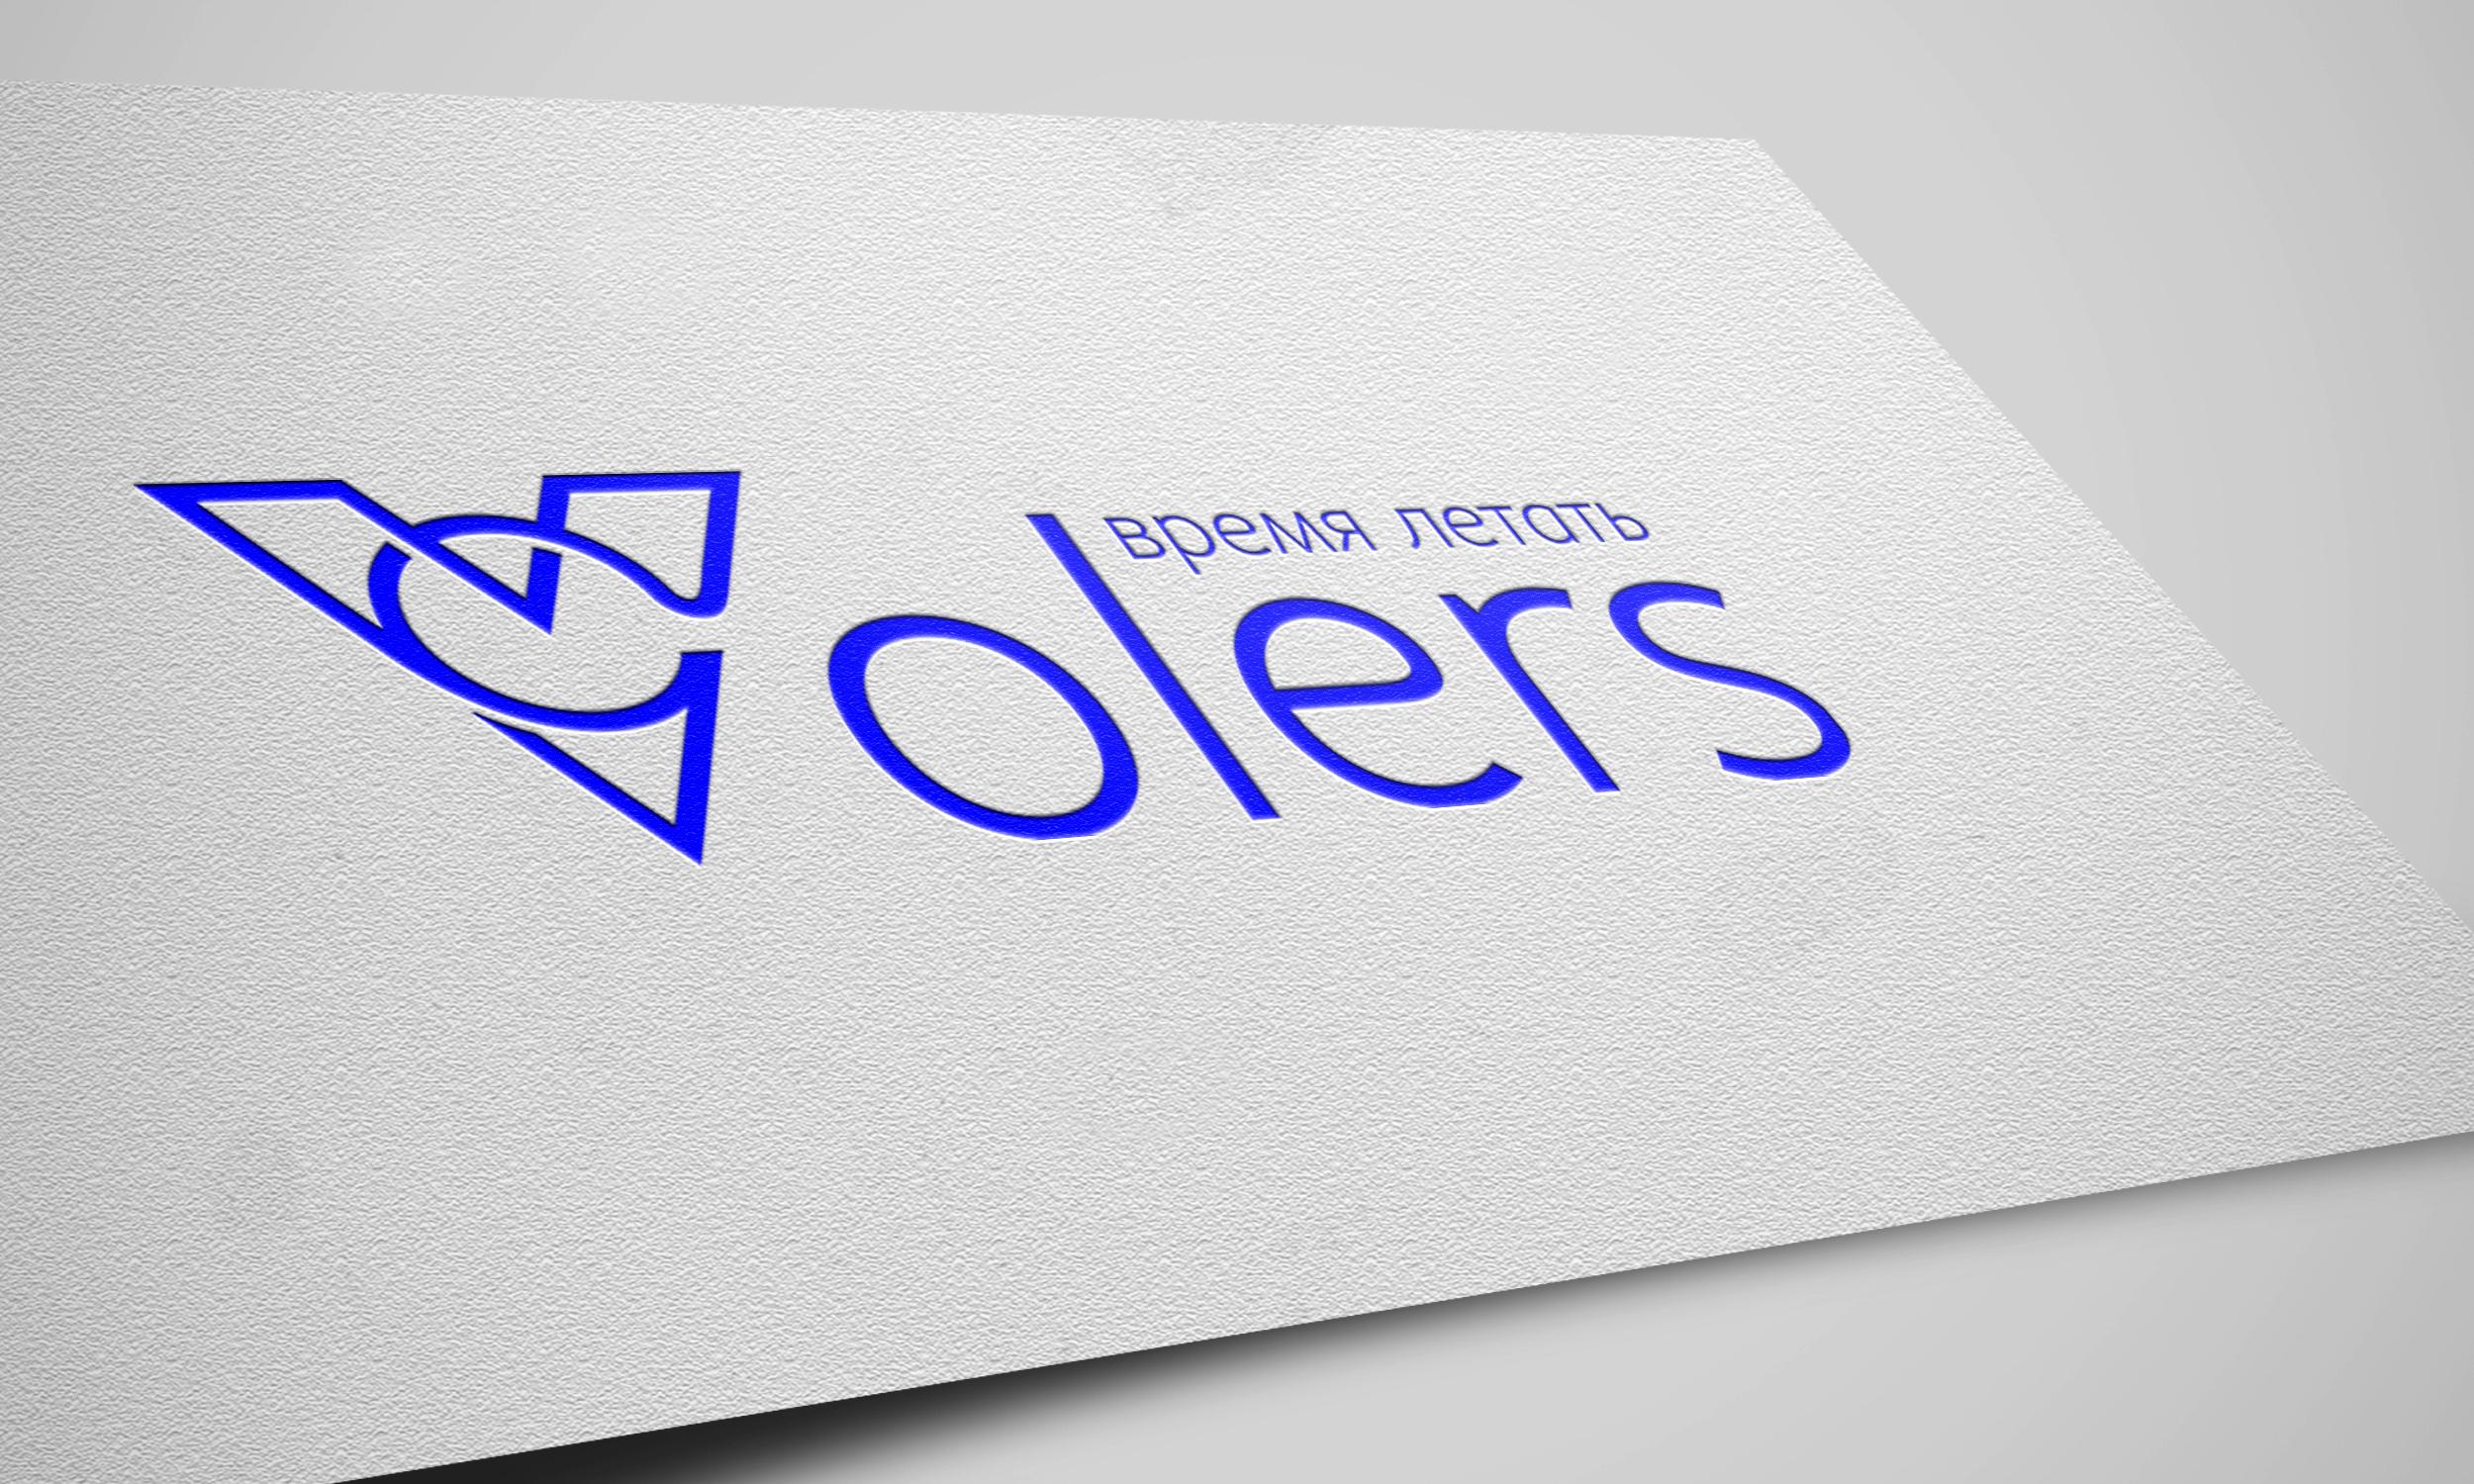 Обновить текущий логотип  фото f_4025d5128f10385a.jpg